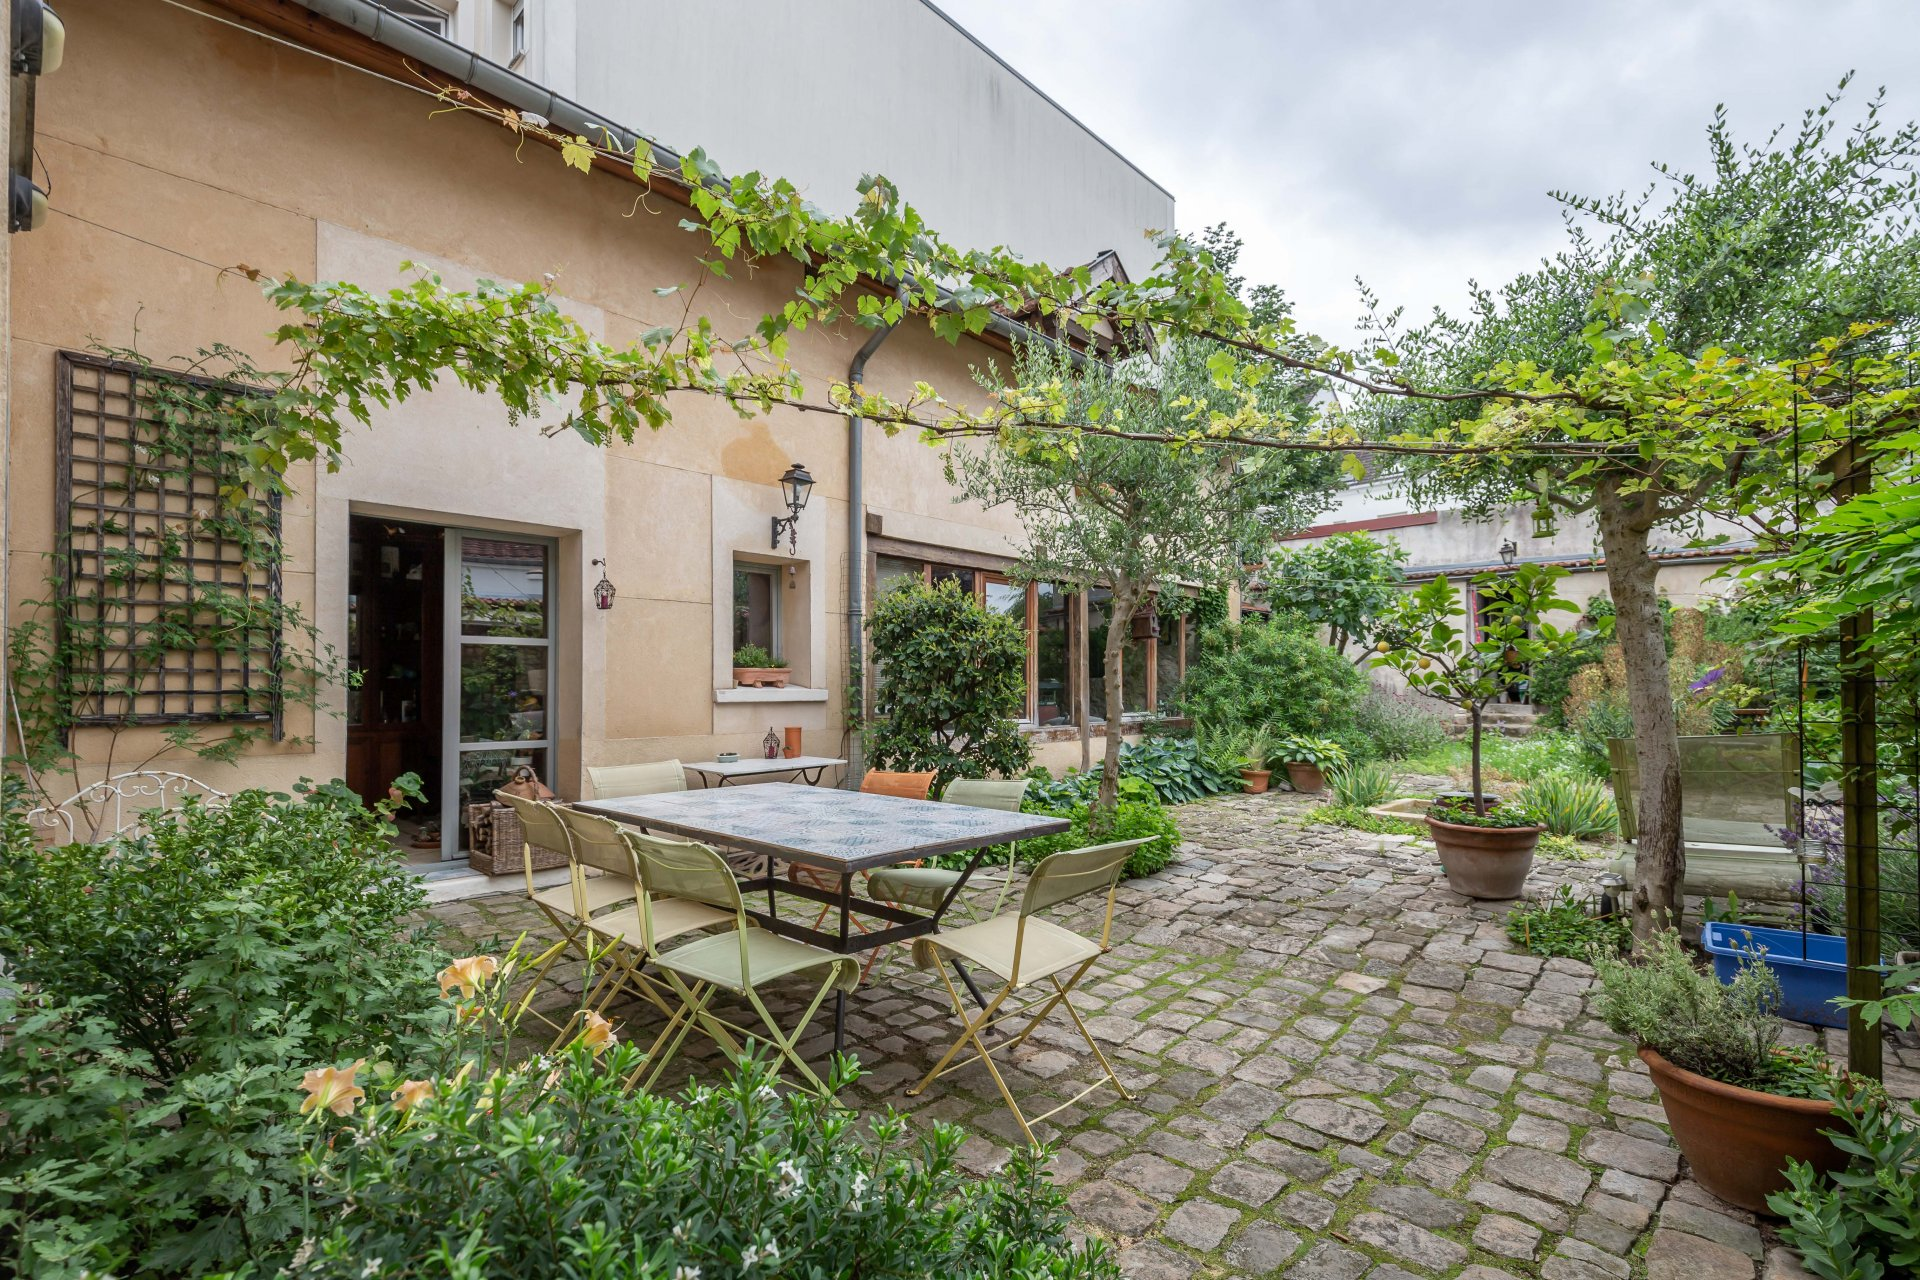 En plein centre ville, VIEUX CORPS DE FERME de 1830 d'environ 250 m² habitables avec sa superbe cour intérieure